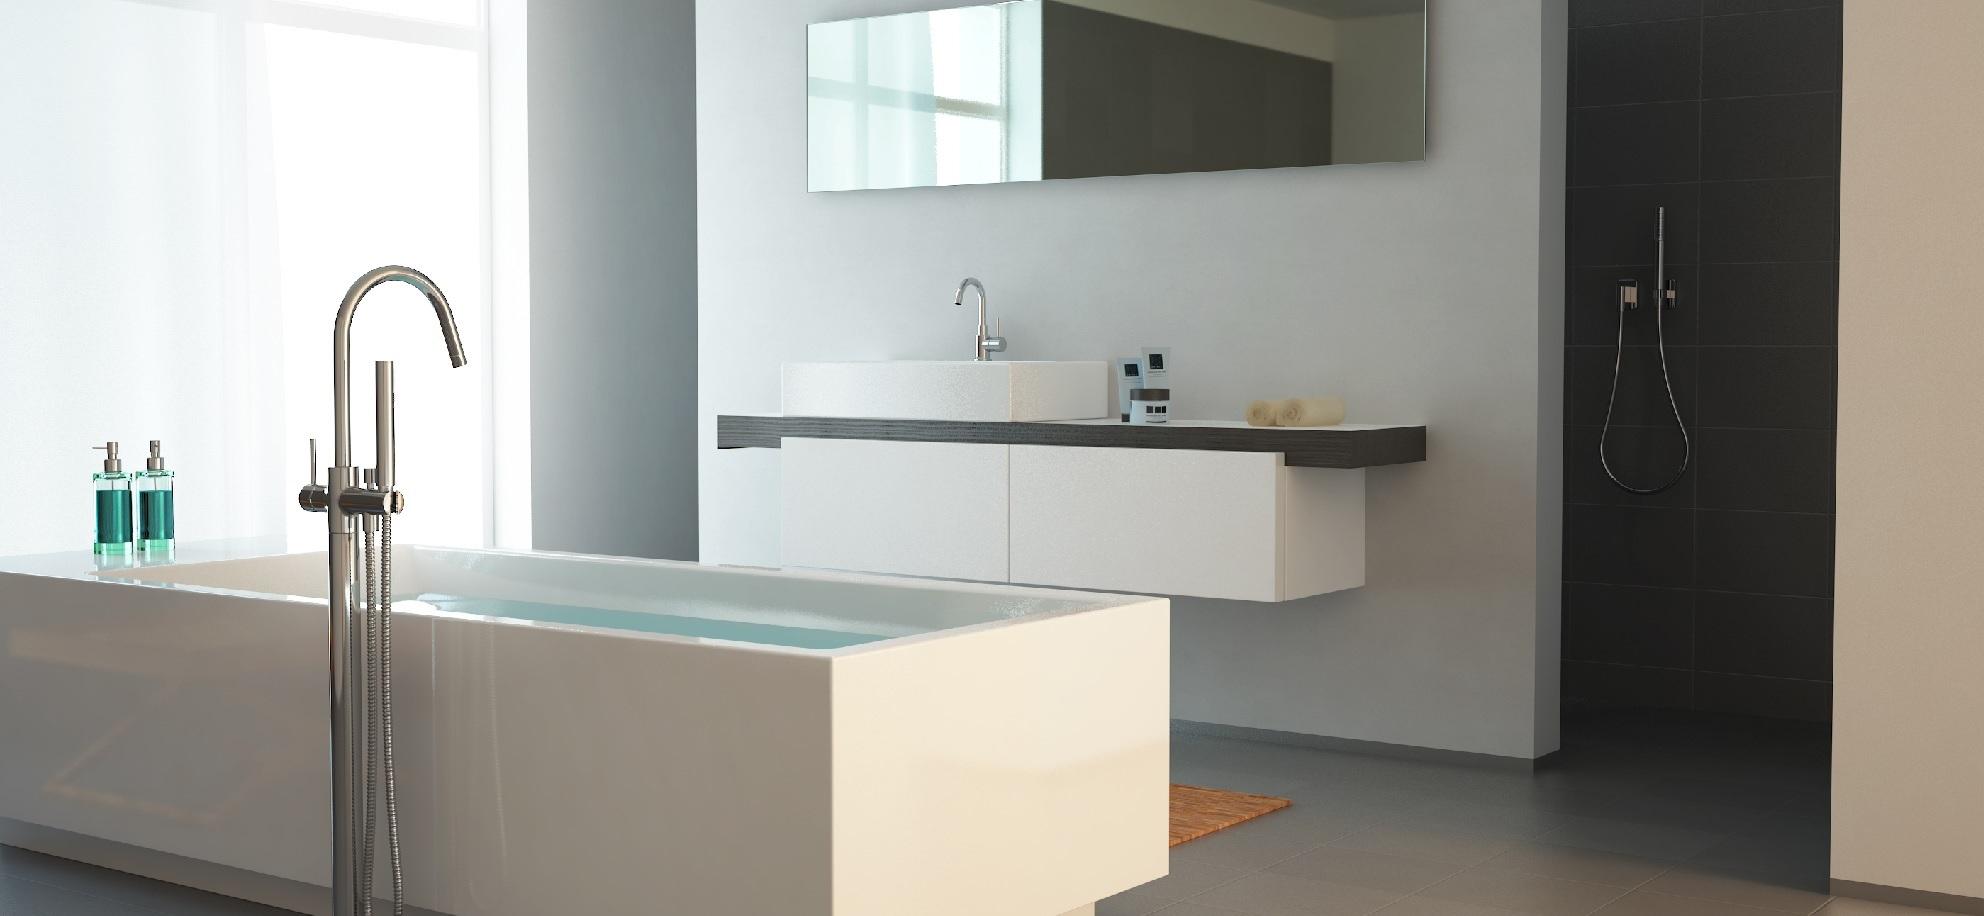 Deeltafels oefenen design badkamer design badkamerkast design badkuip design barkruk design for Badkamer design